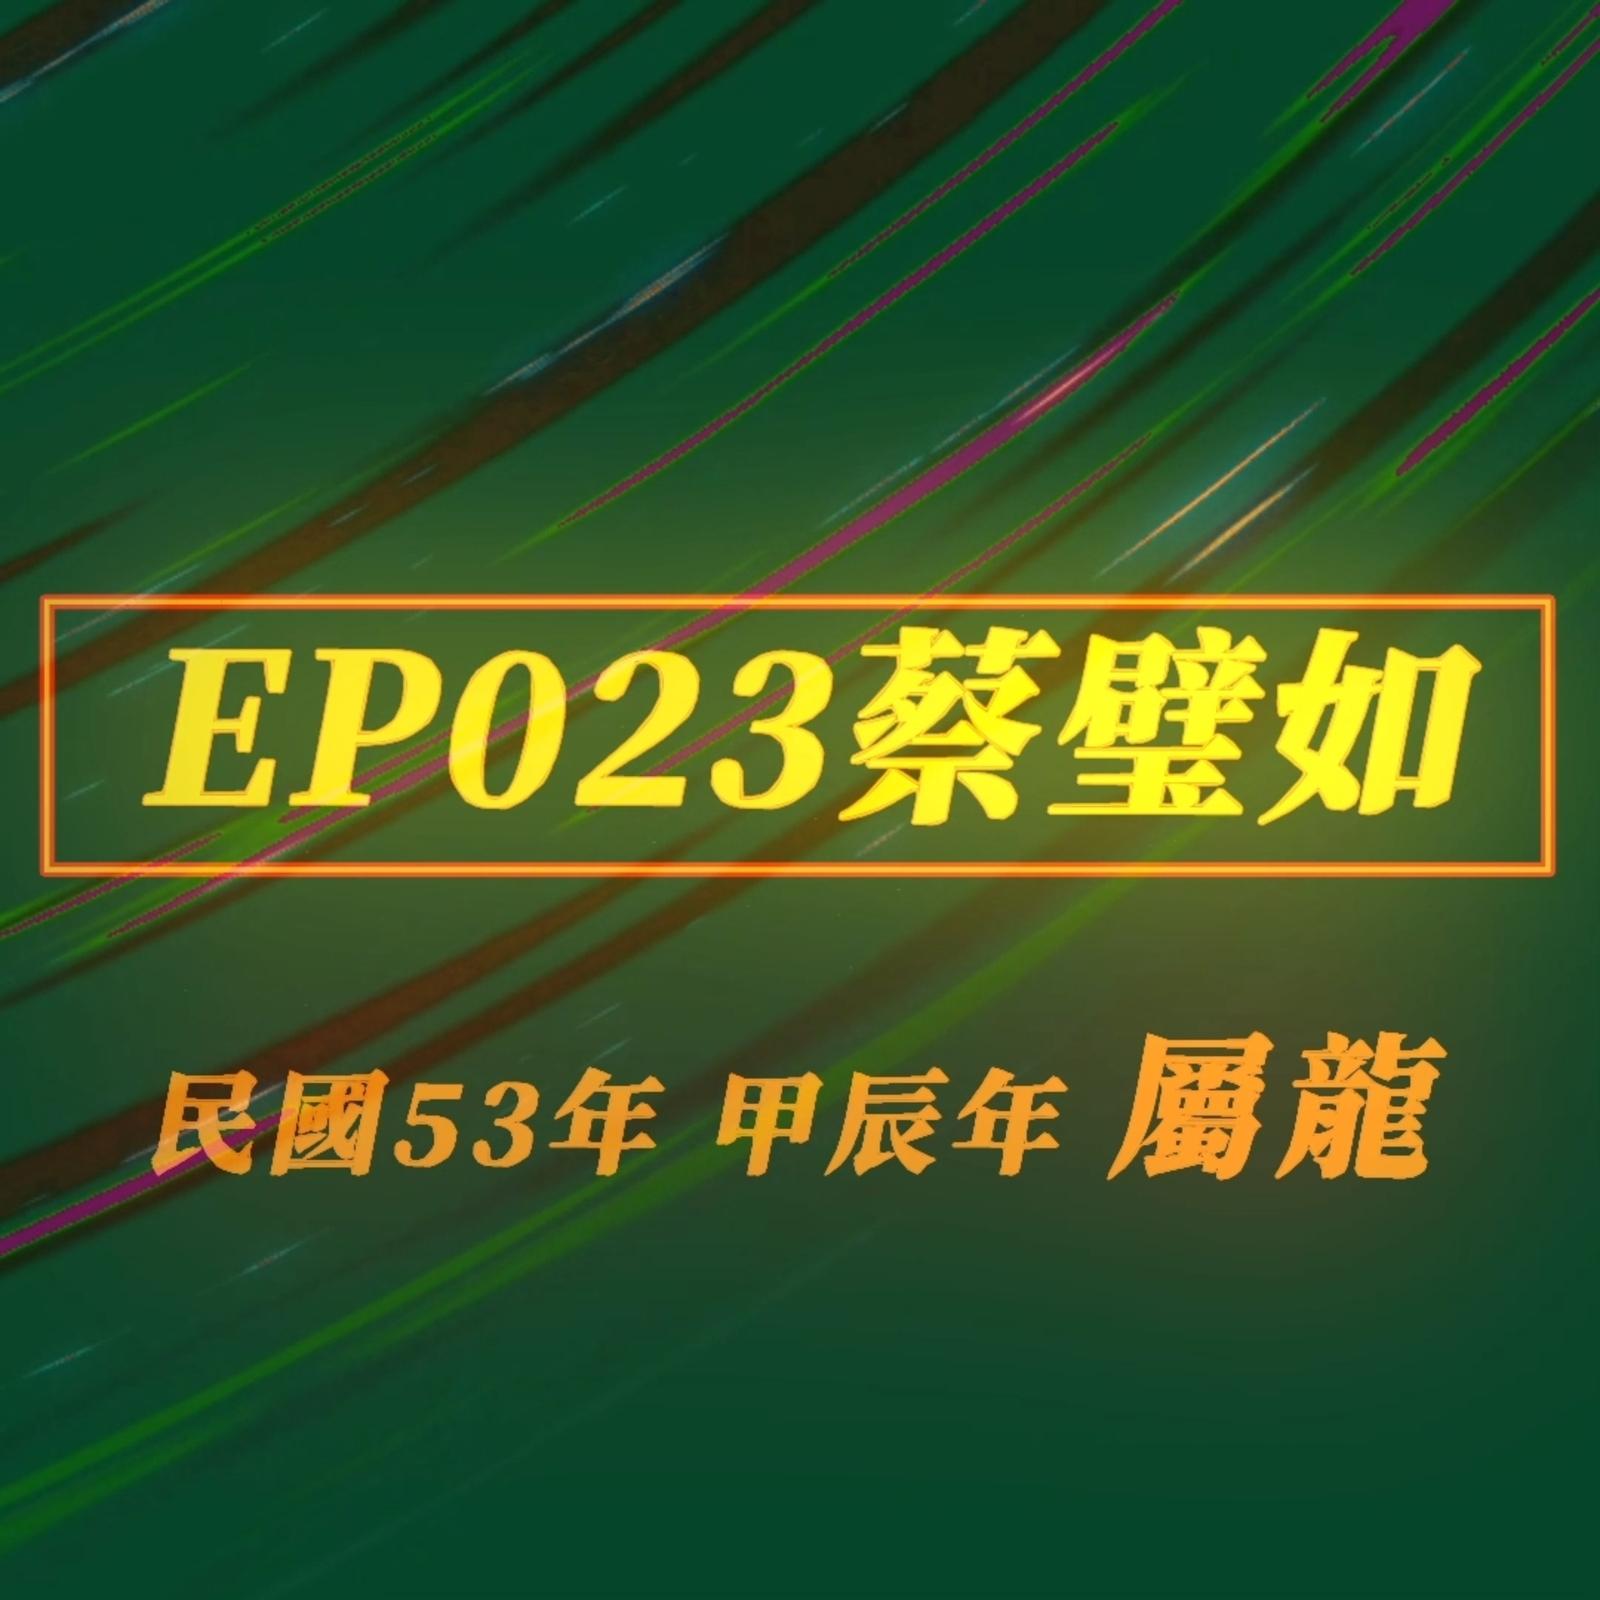 【EP023】林鄭月娥‧香港特首v.s. 蔡壁如‧民眾黨二把手|兩人長超像,姓名學上居然也很相似!?